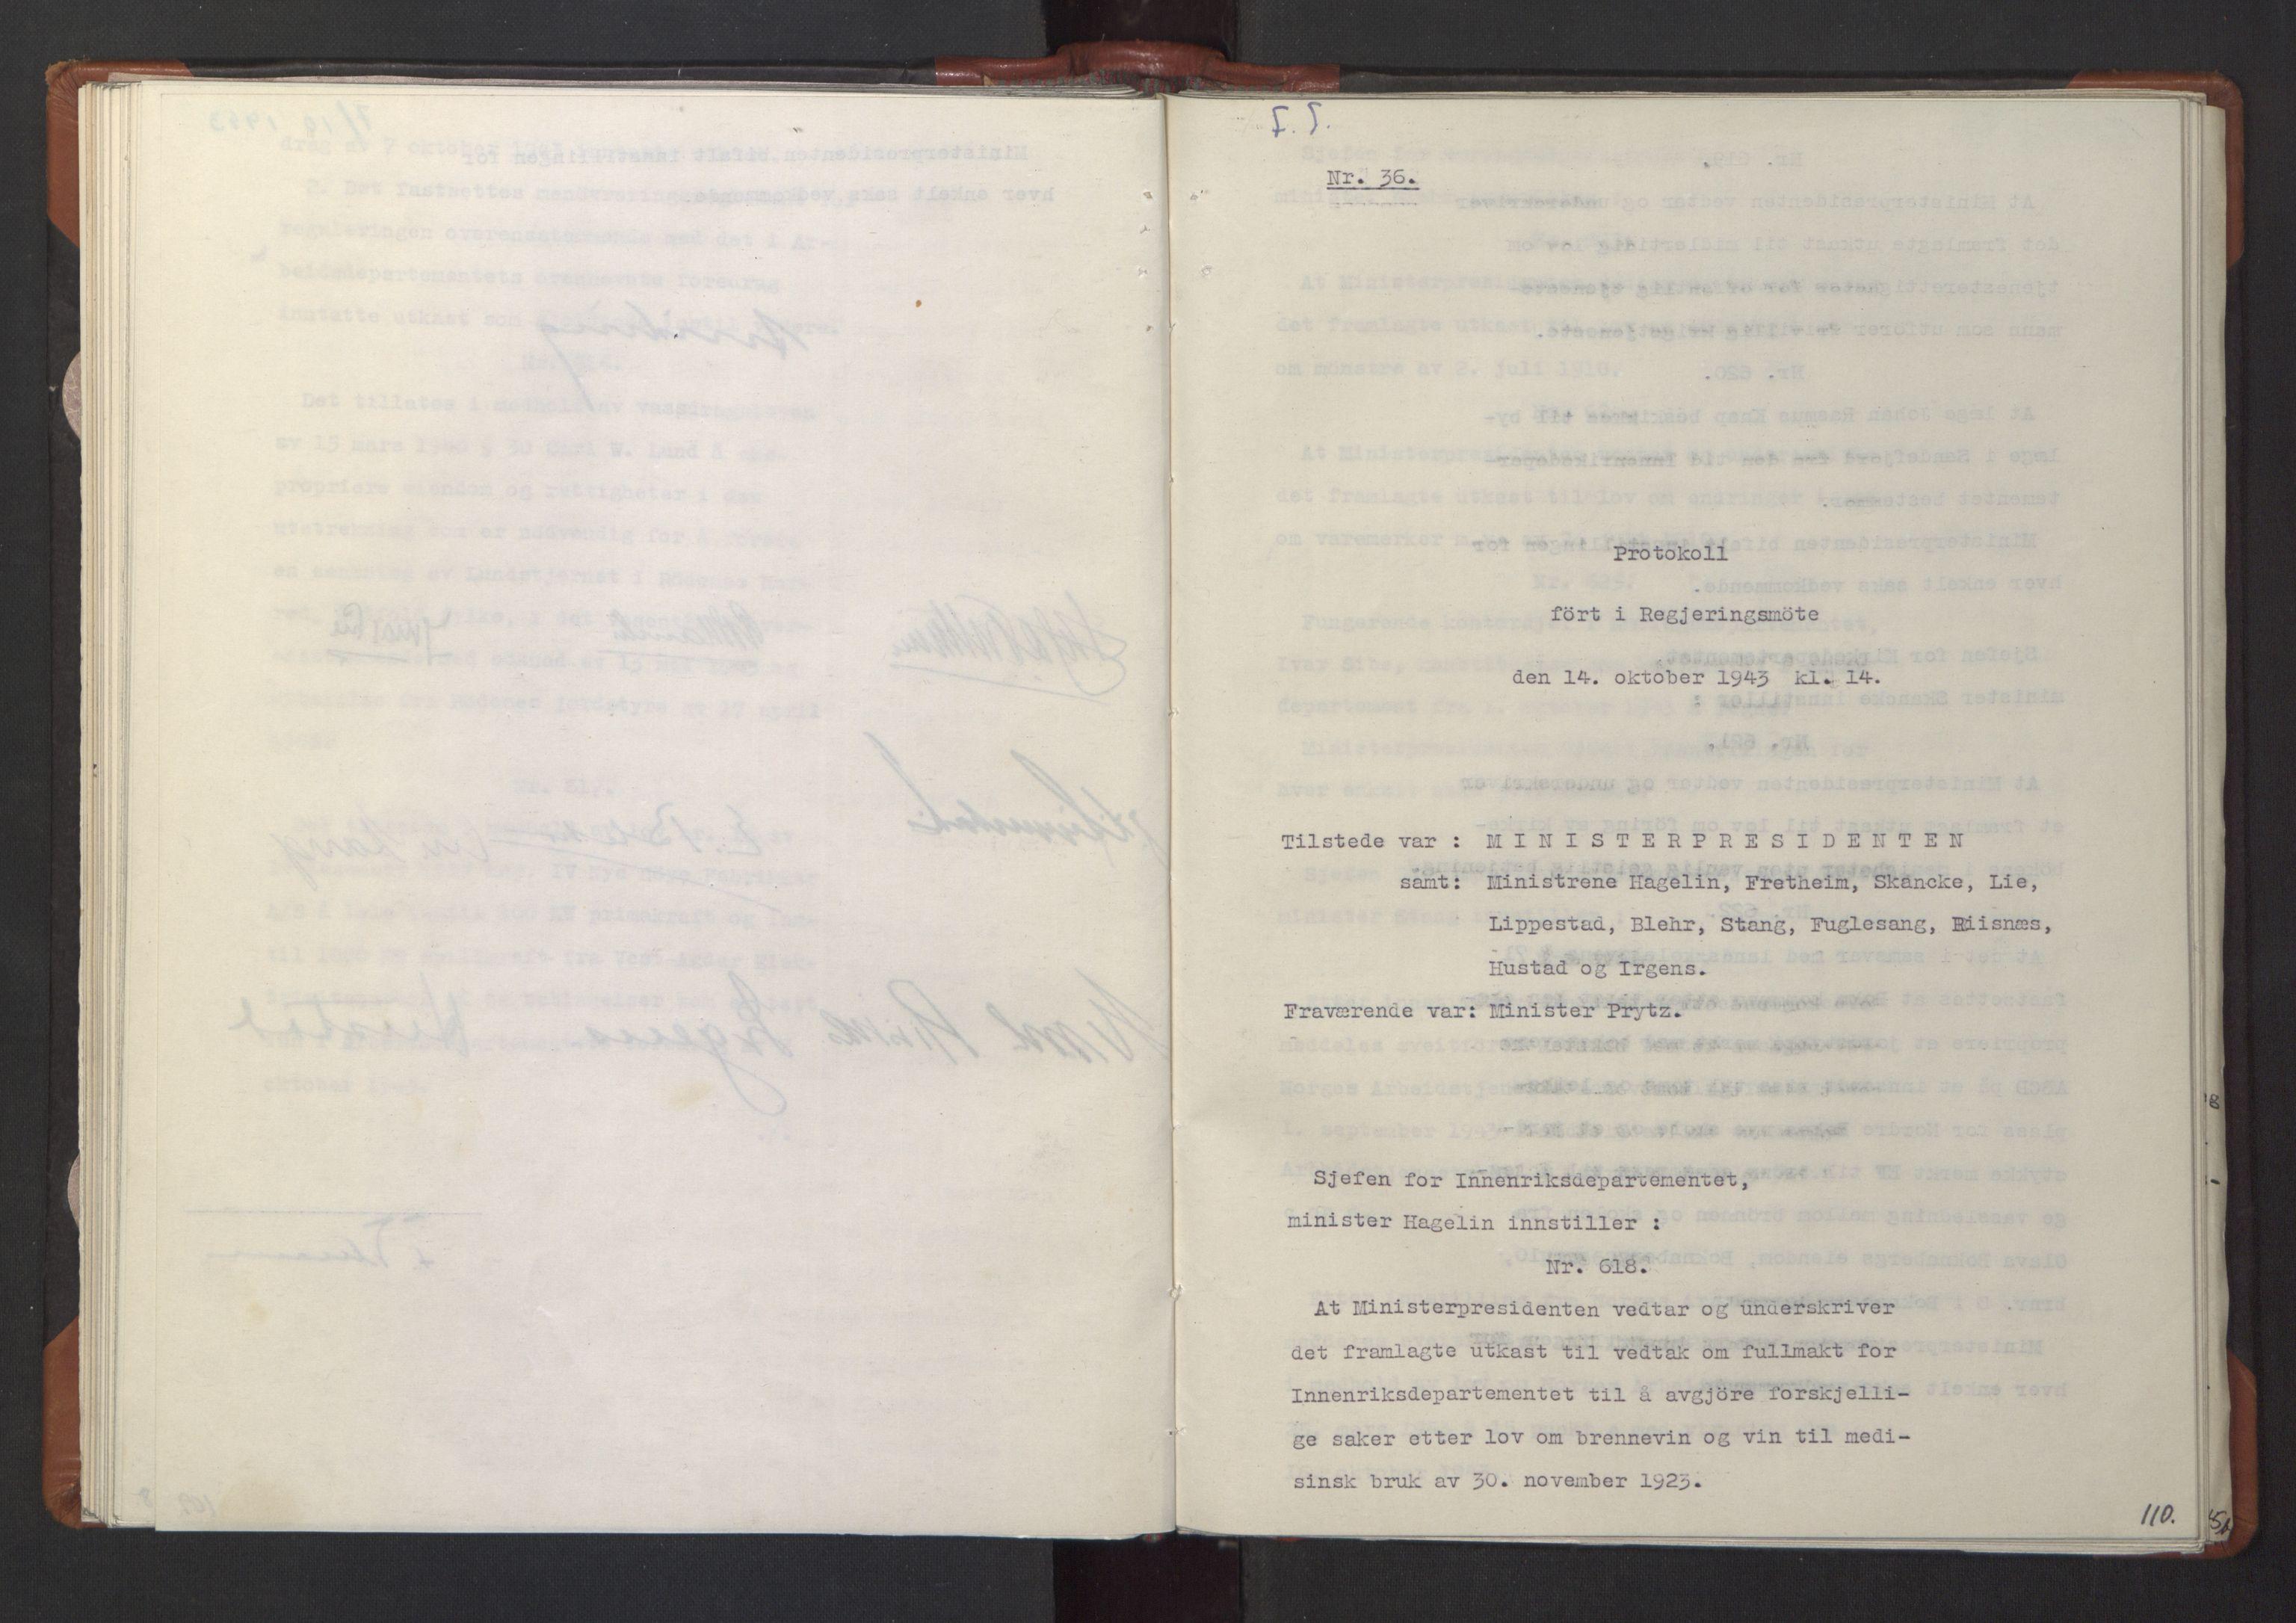 RA, NS-administrasjonen 1940-1945 (Statsrådsekretariatet, de kommisariske statsråder mm), D/Da/L0003: Vedtak (Beslutninger) nr. 1-746 og tillegg nr. 1-47 (RA. j.nr. 1394/1944, tilgangsnr. 8/1944, 1943, s. 109b-110a